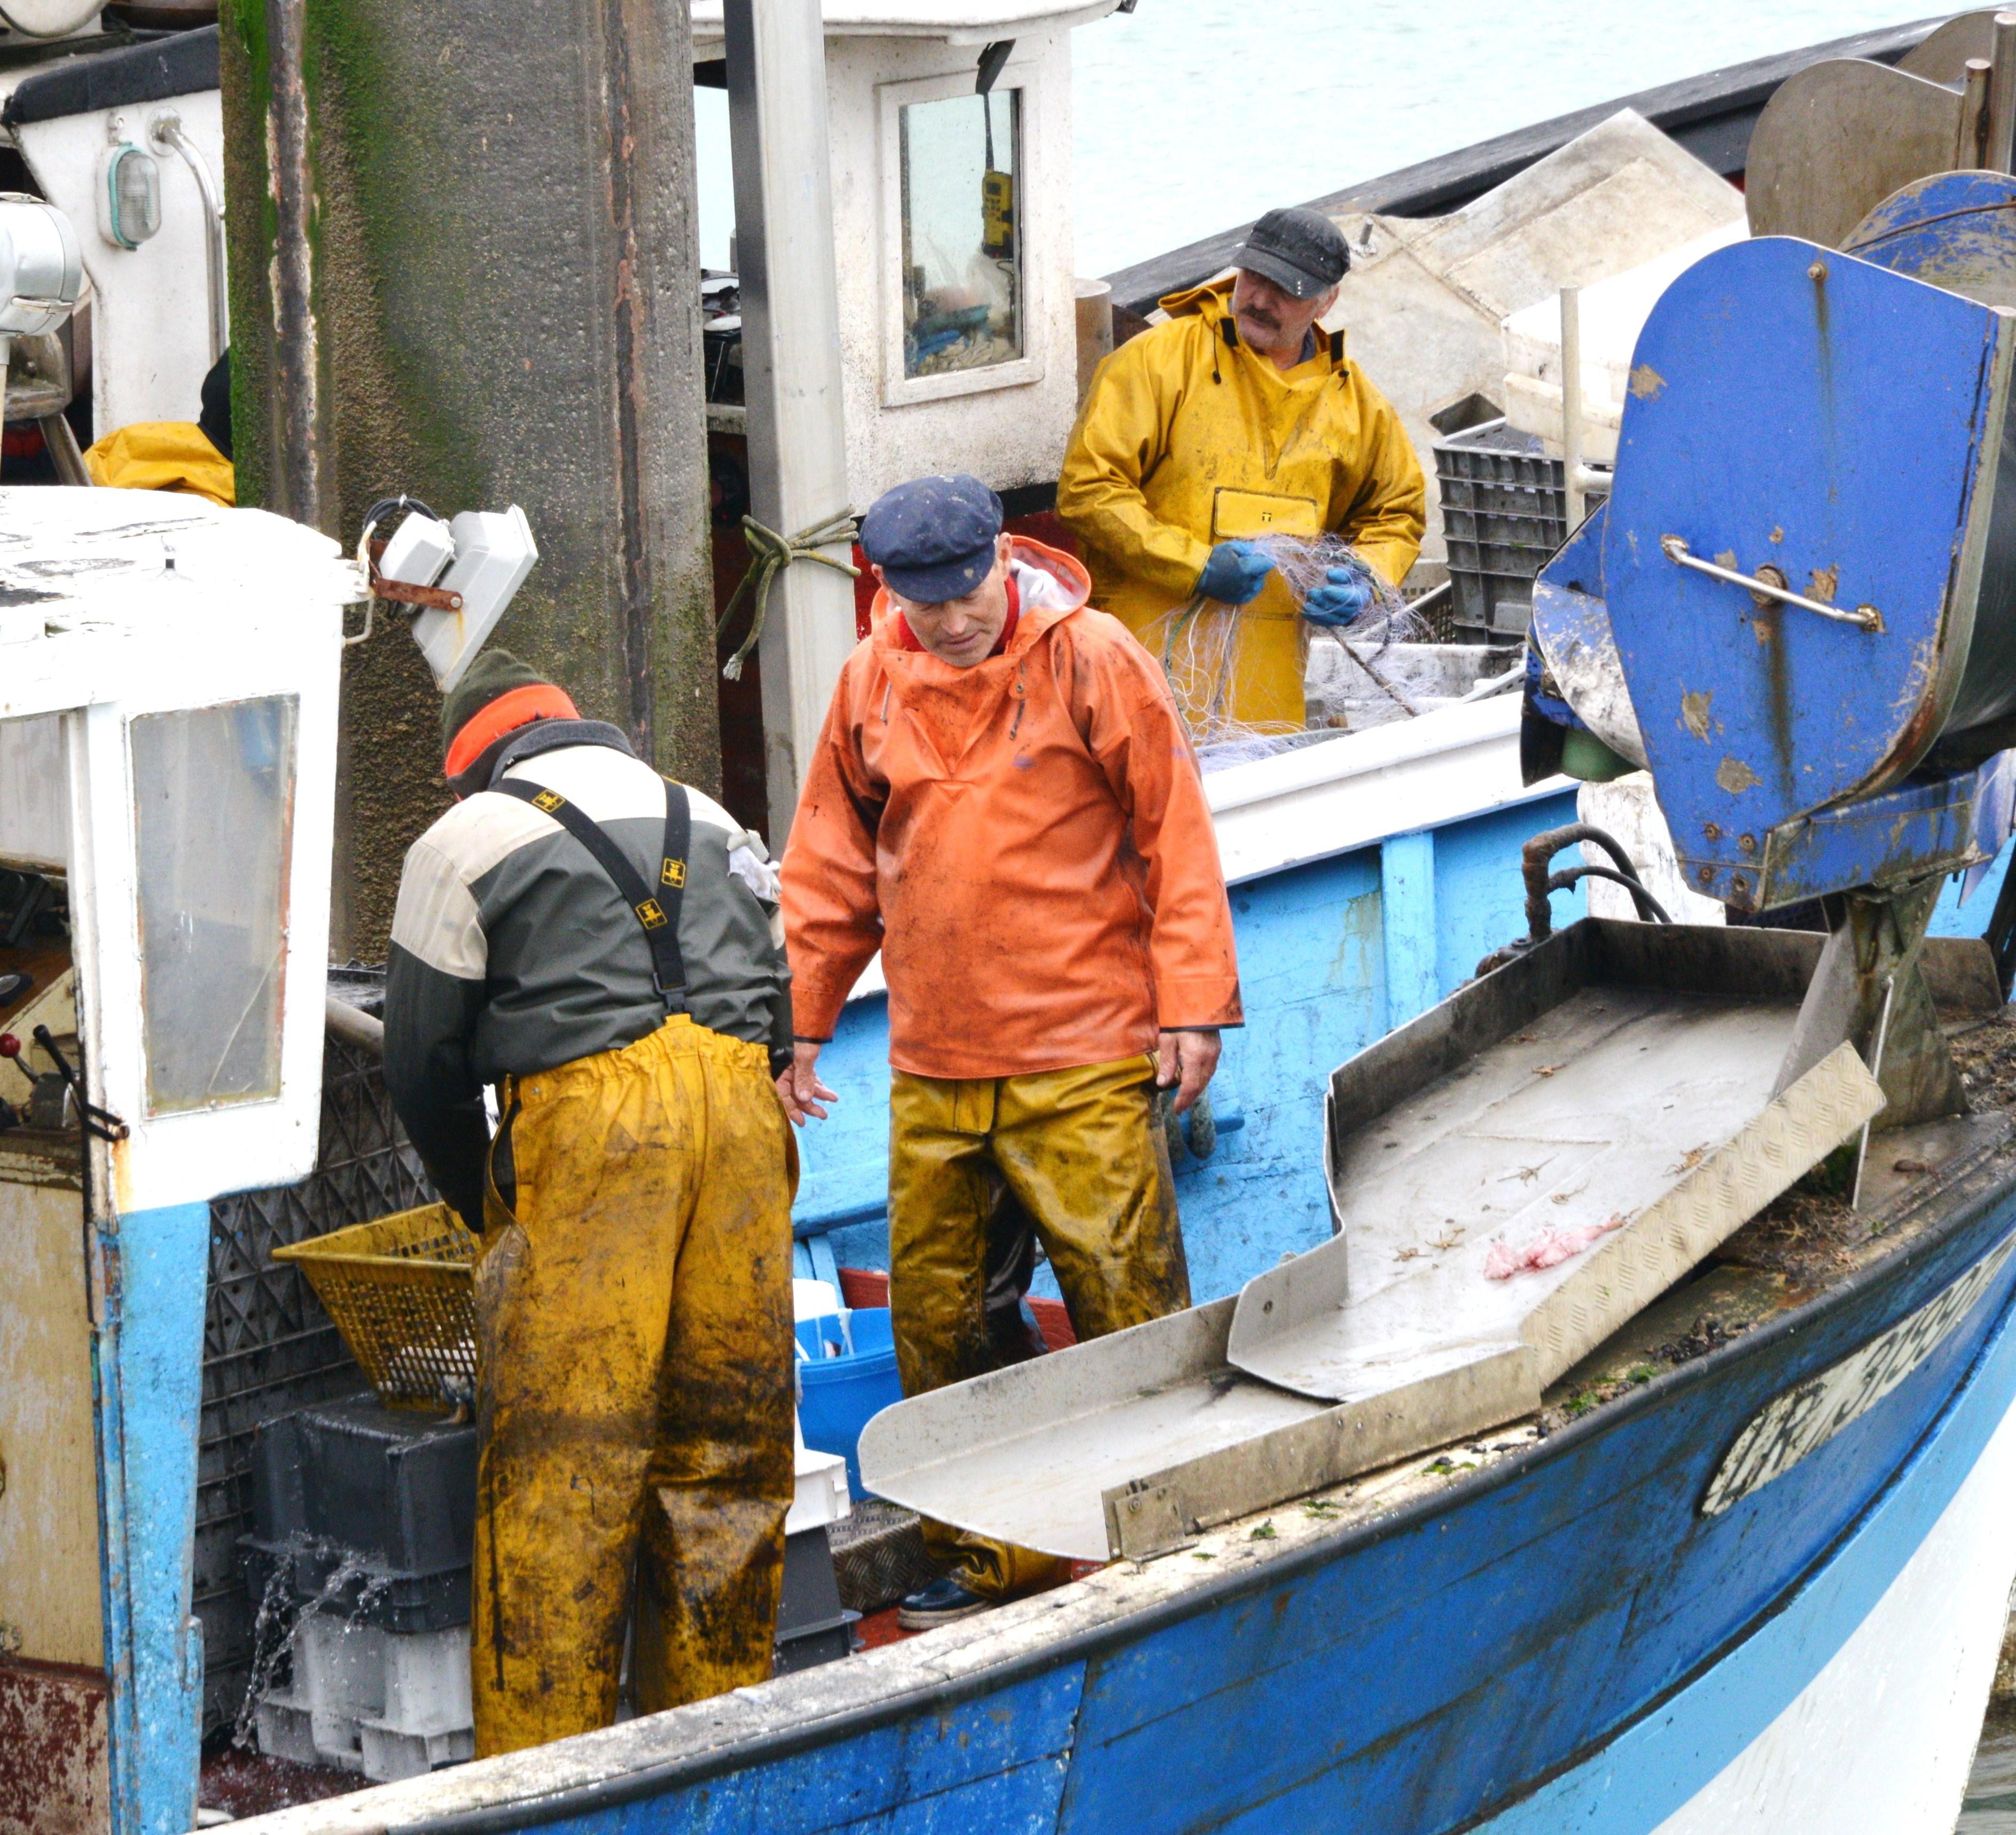 Pêcheurs à La Rochelle, France @ wikimedia commons / Jean-Pierre Bazard / Jpbazard